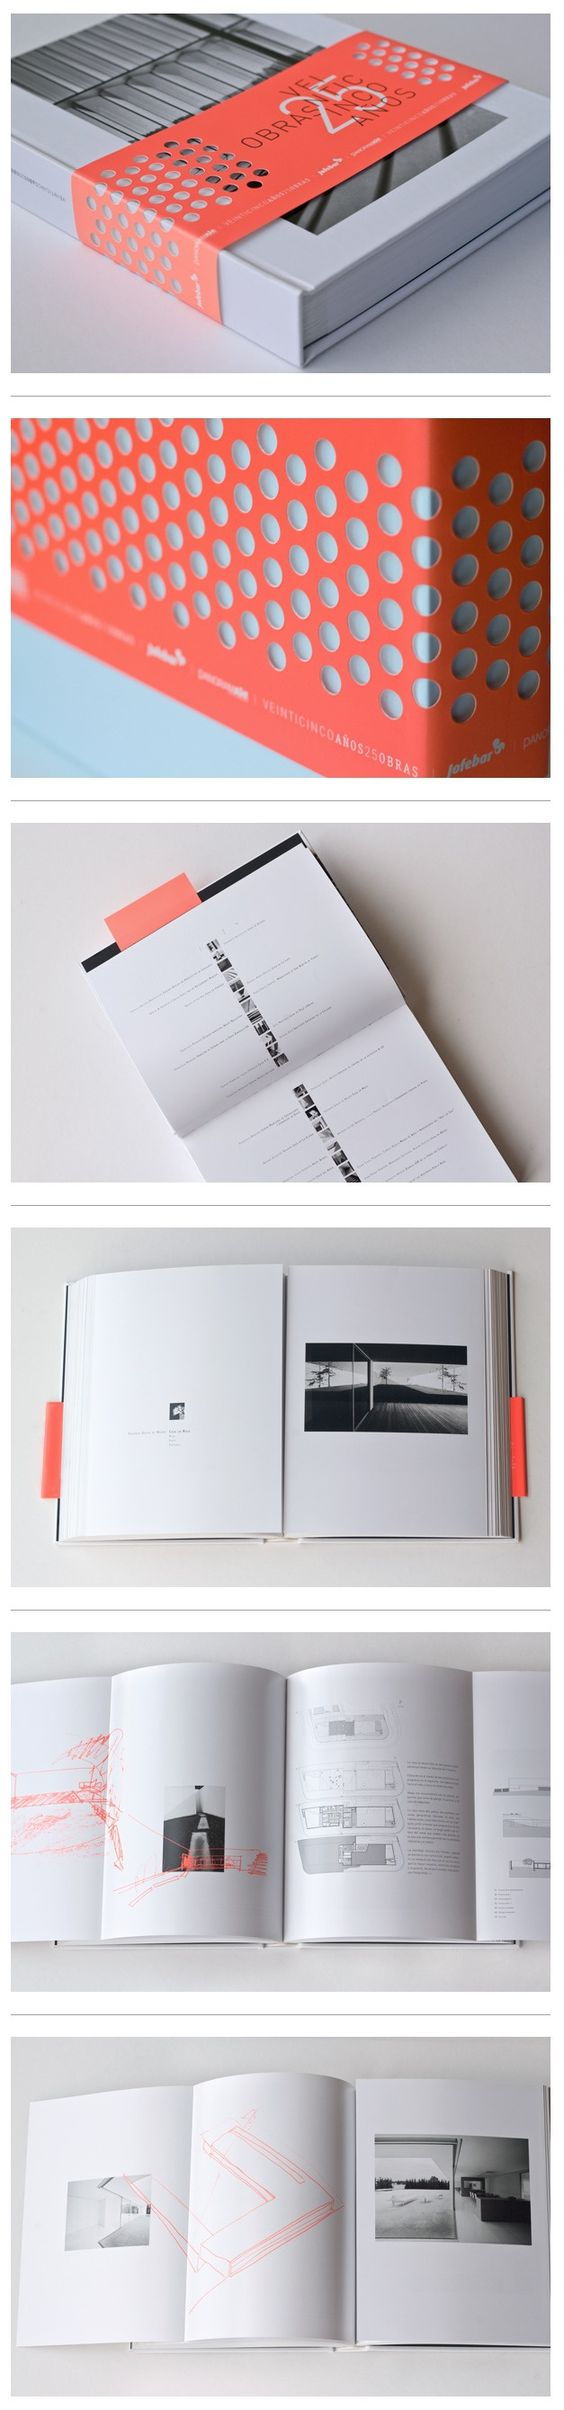 Veinticinco obras, 25 años. Jofebar // by Blanca Prol // via Behance